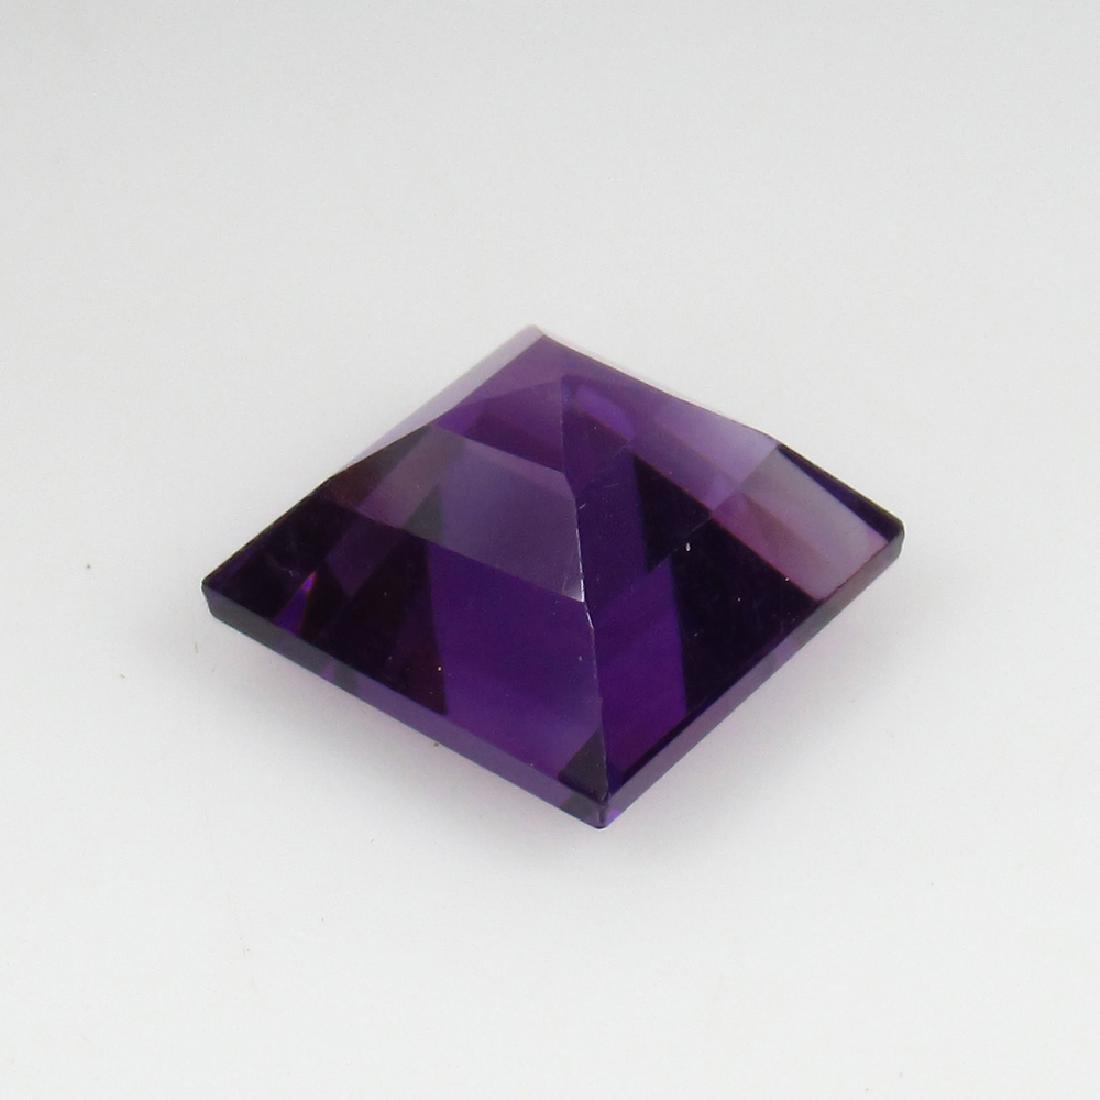 3.17 Ct Genuine Loose Deep Purple Amethyst 8.8 mm - 2